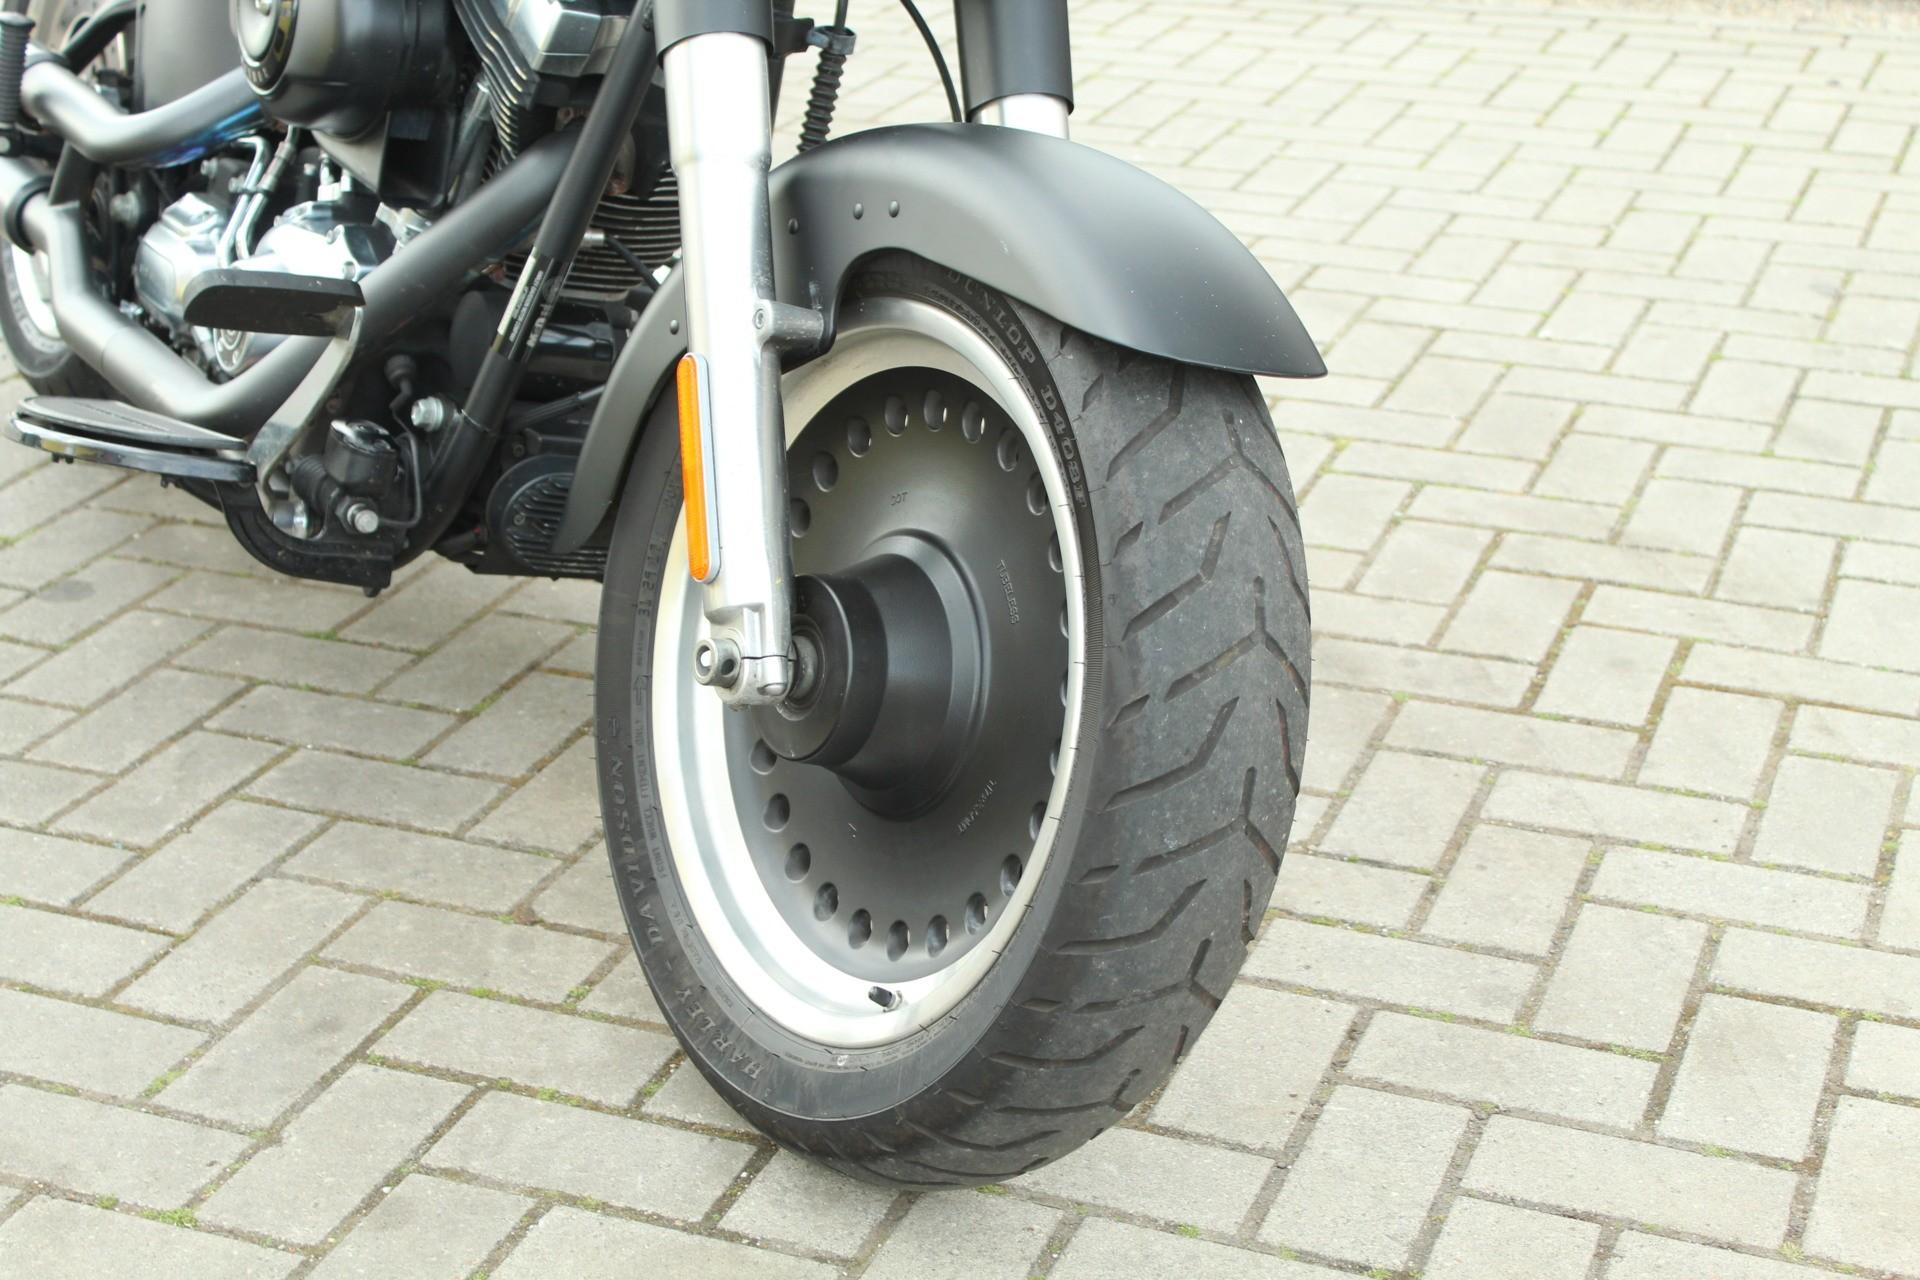 Caroutlet Groningen - 2010 | Harley Davidson 96 FLSTF Fat Boy | MAT | ORG NL | DEALER OH |